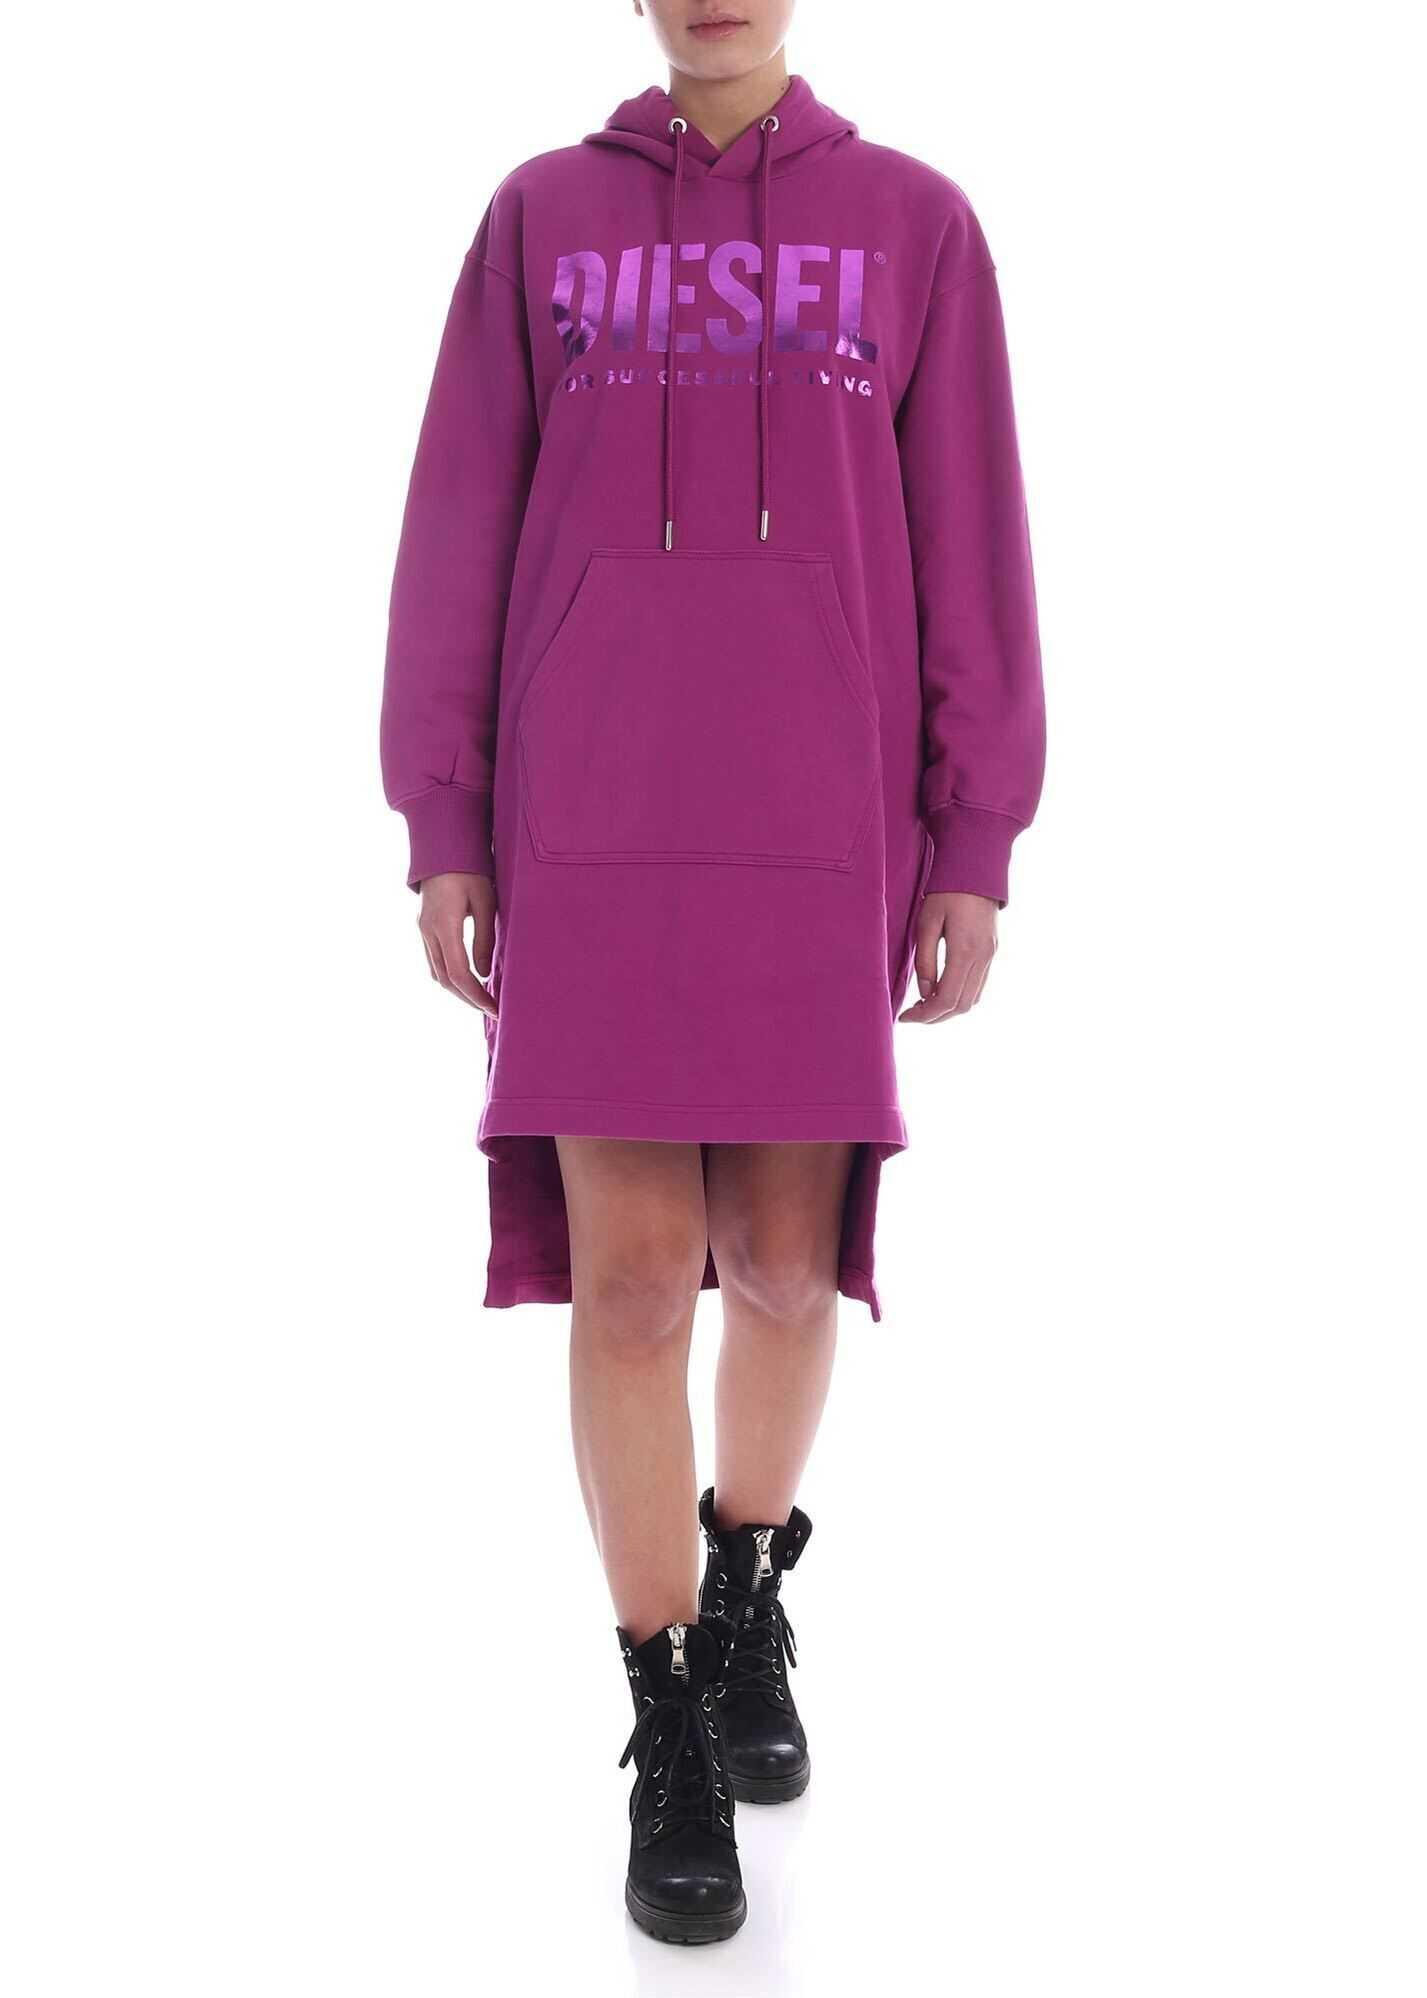 Diesel Ilse-T Dress In Purple Purple